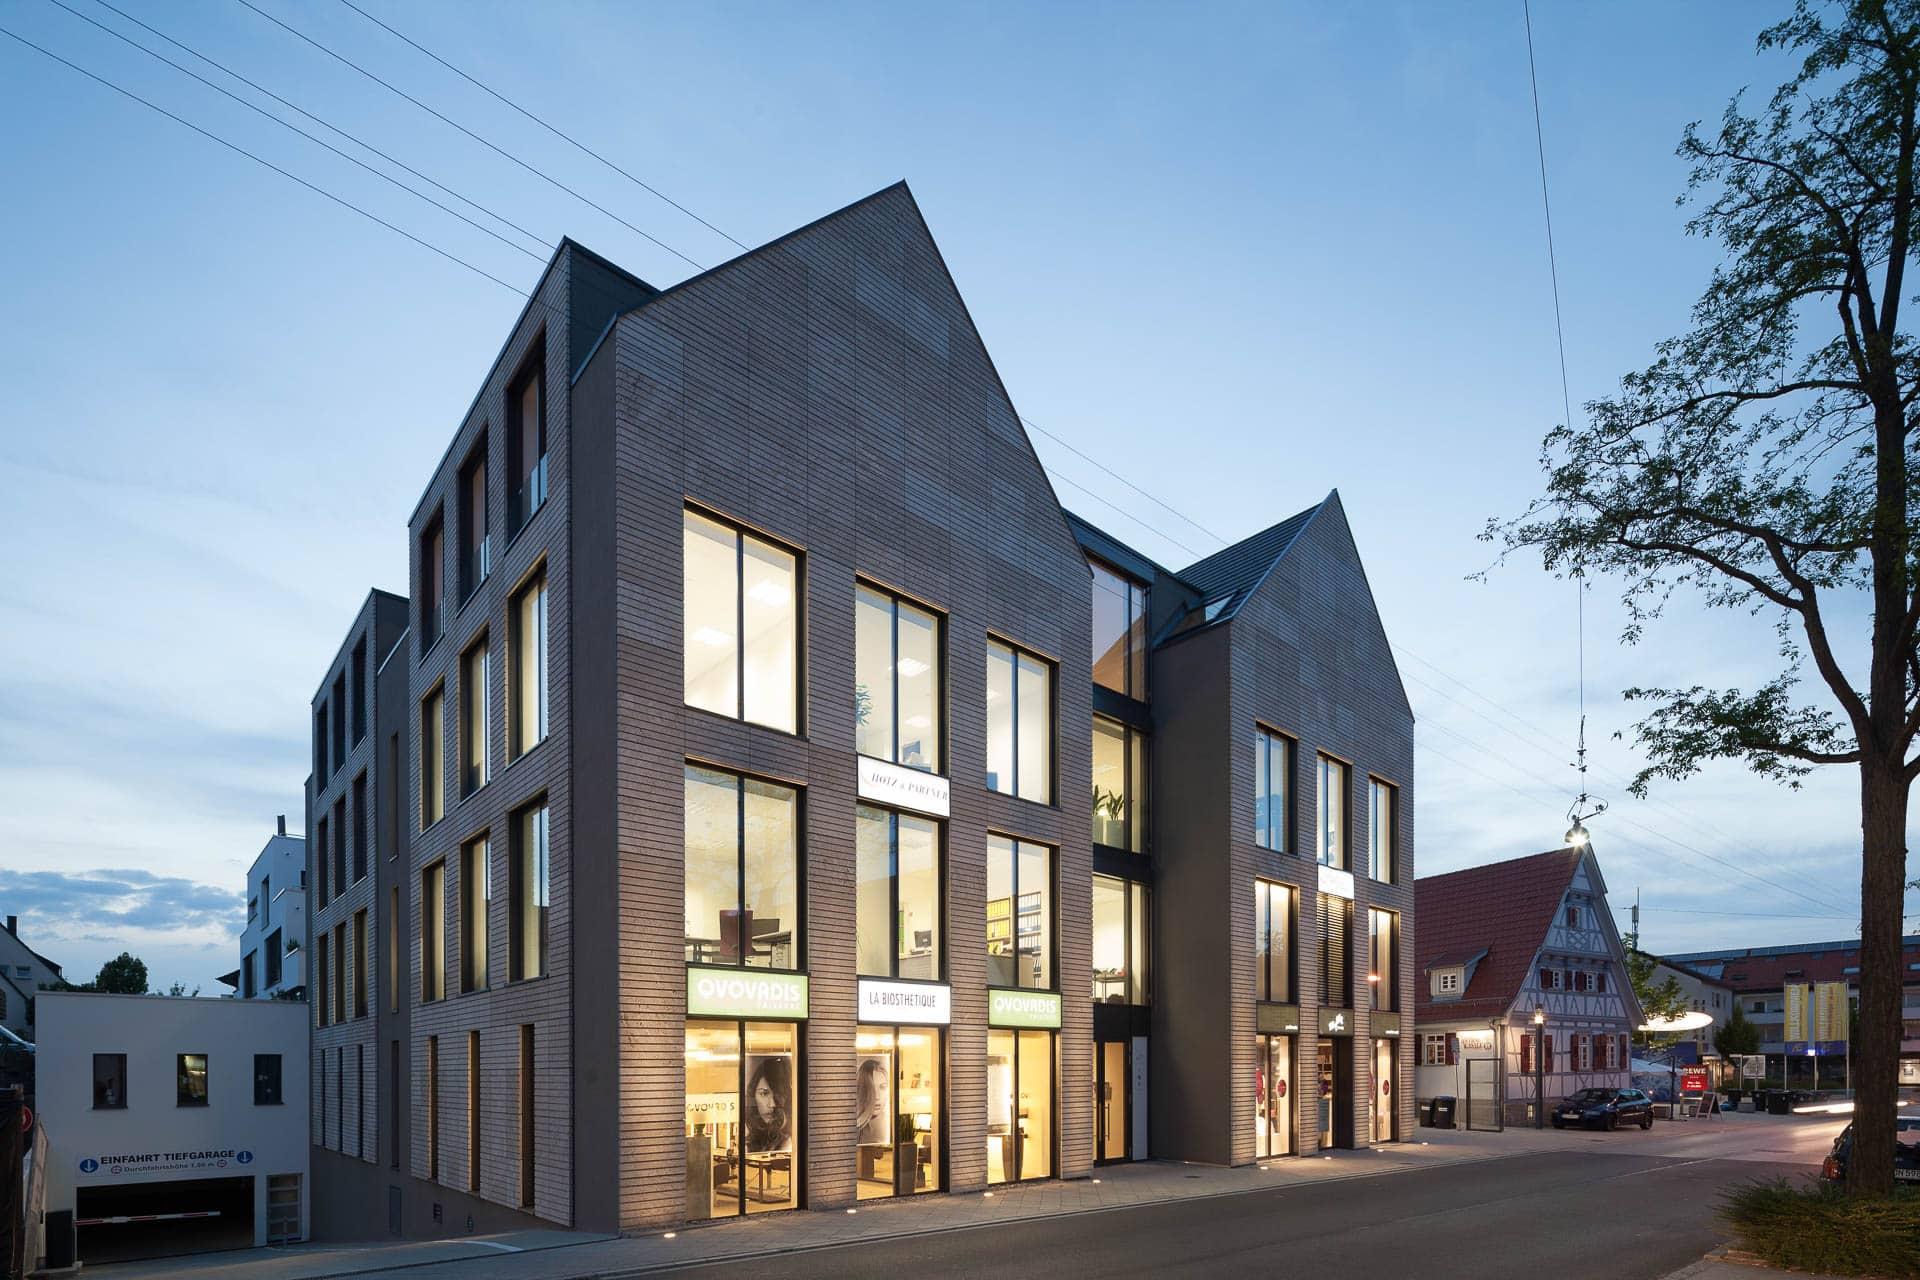 Wohn-und Geschäftshaus mit interessanter Oberflächenstruktur.